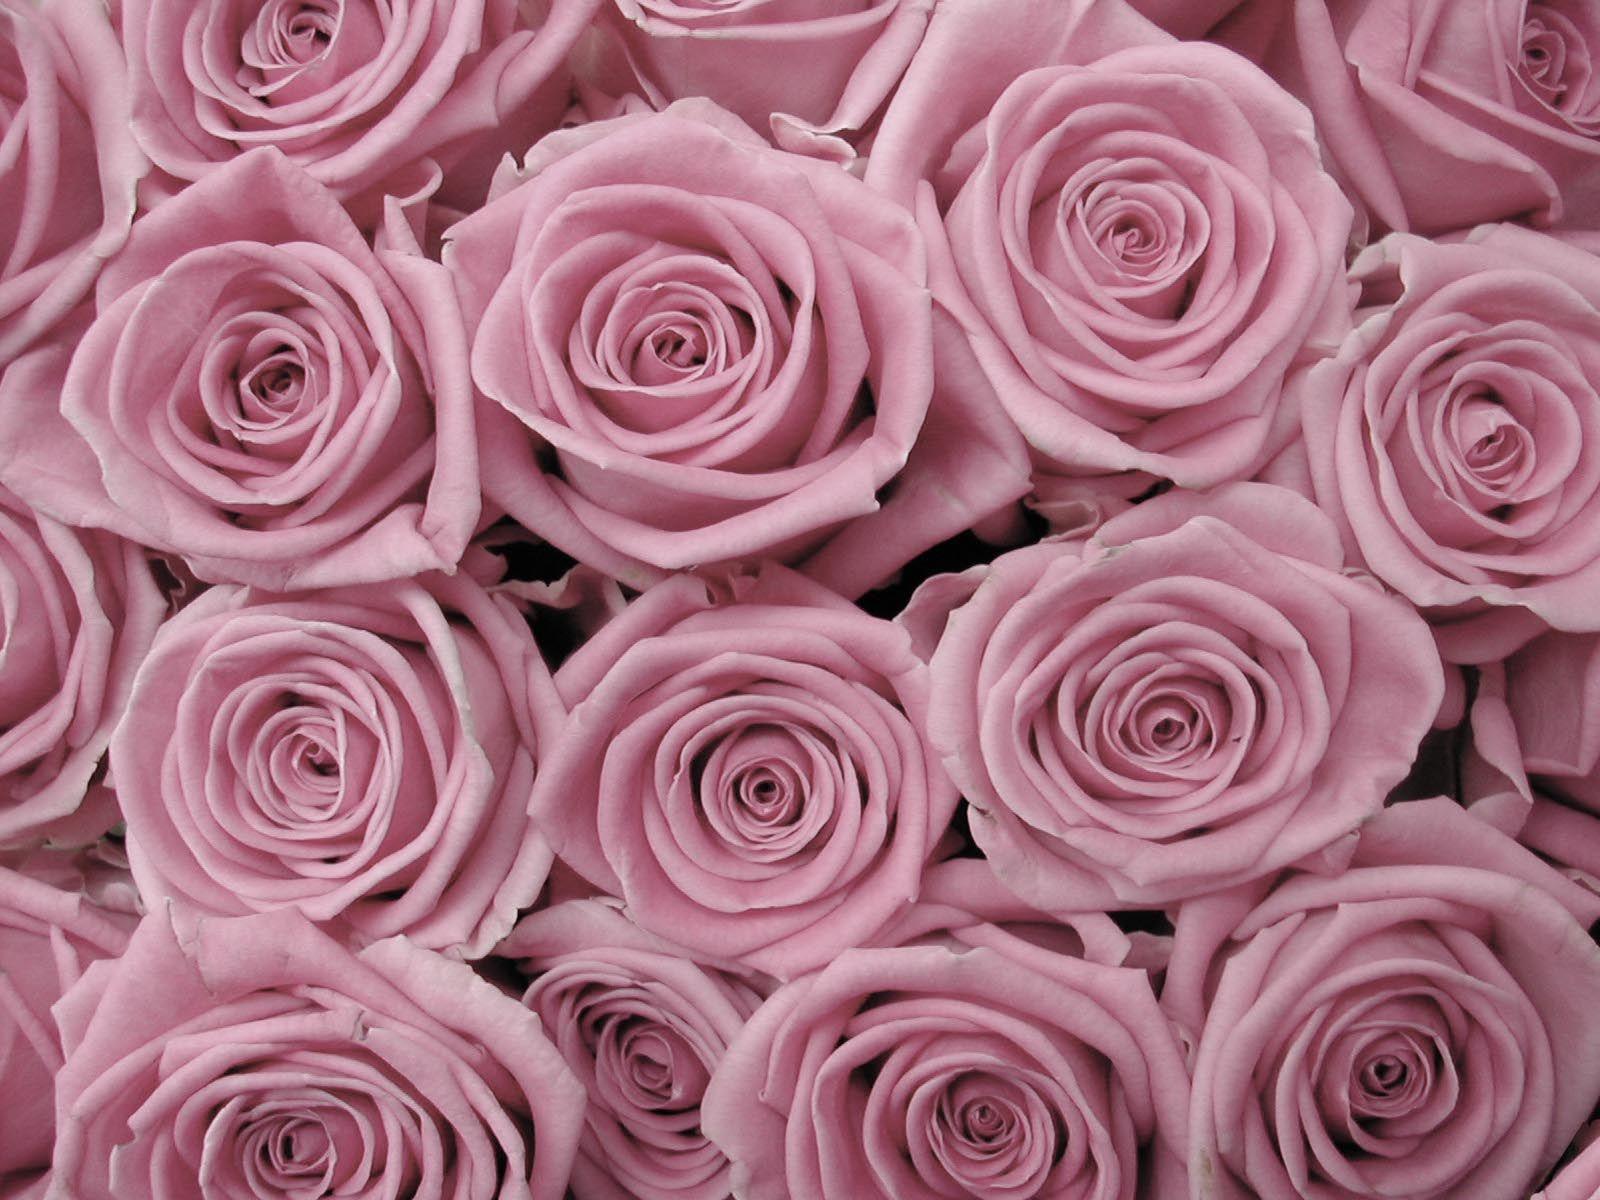 rosebackgroundtumblr1jpg 16002151200 roses